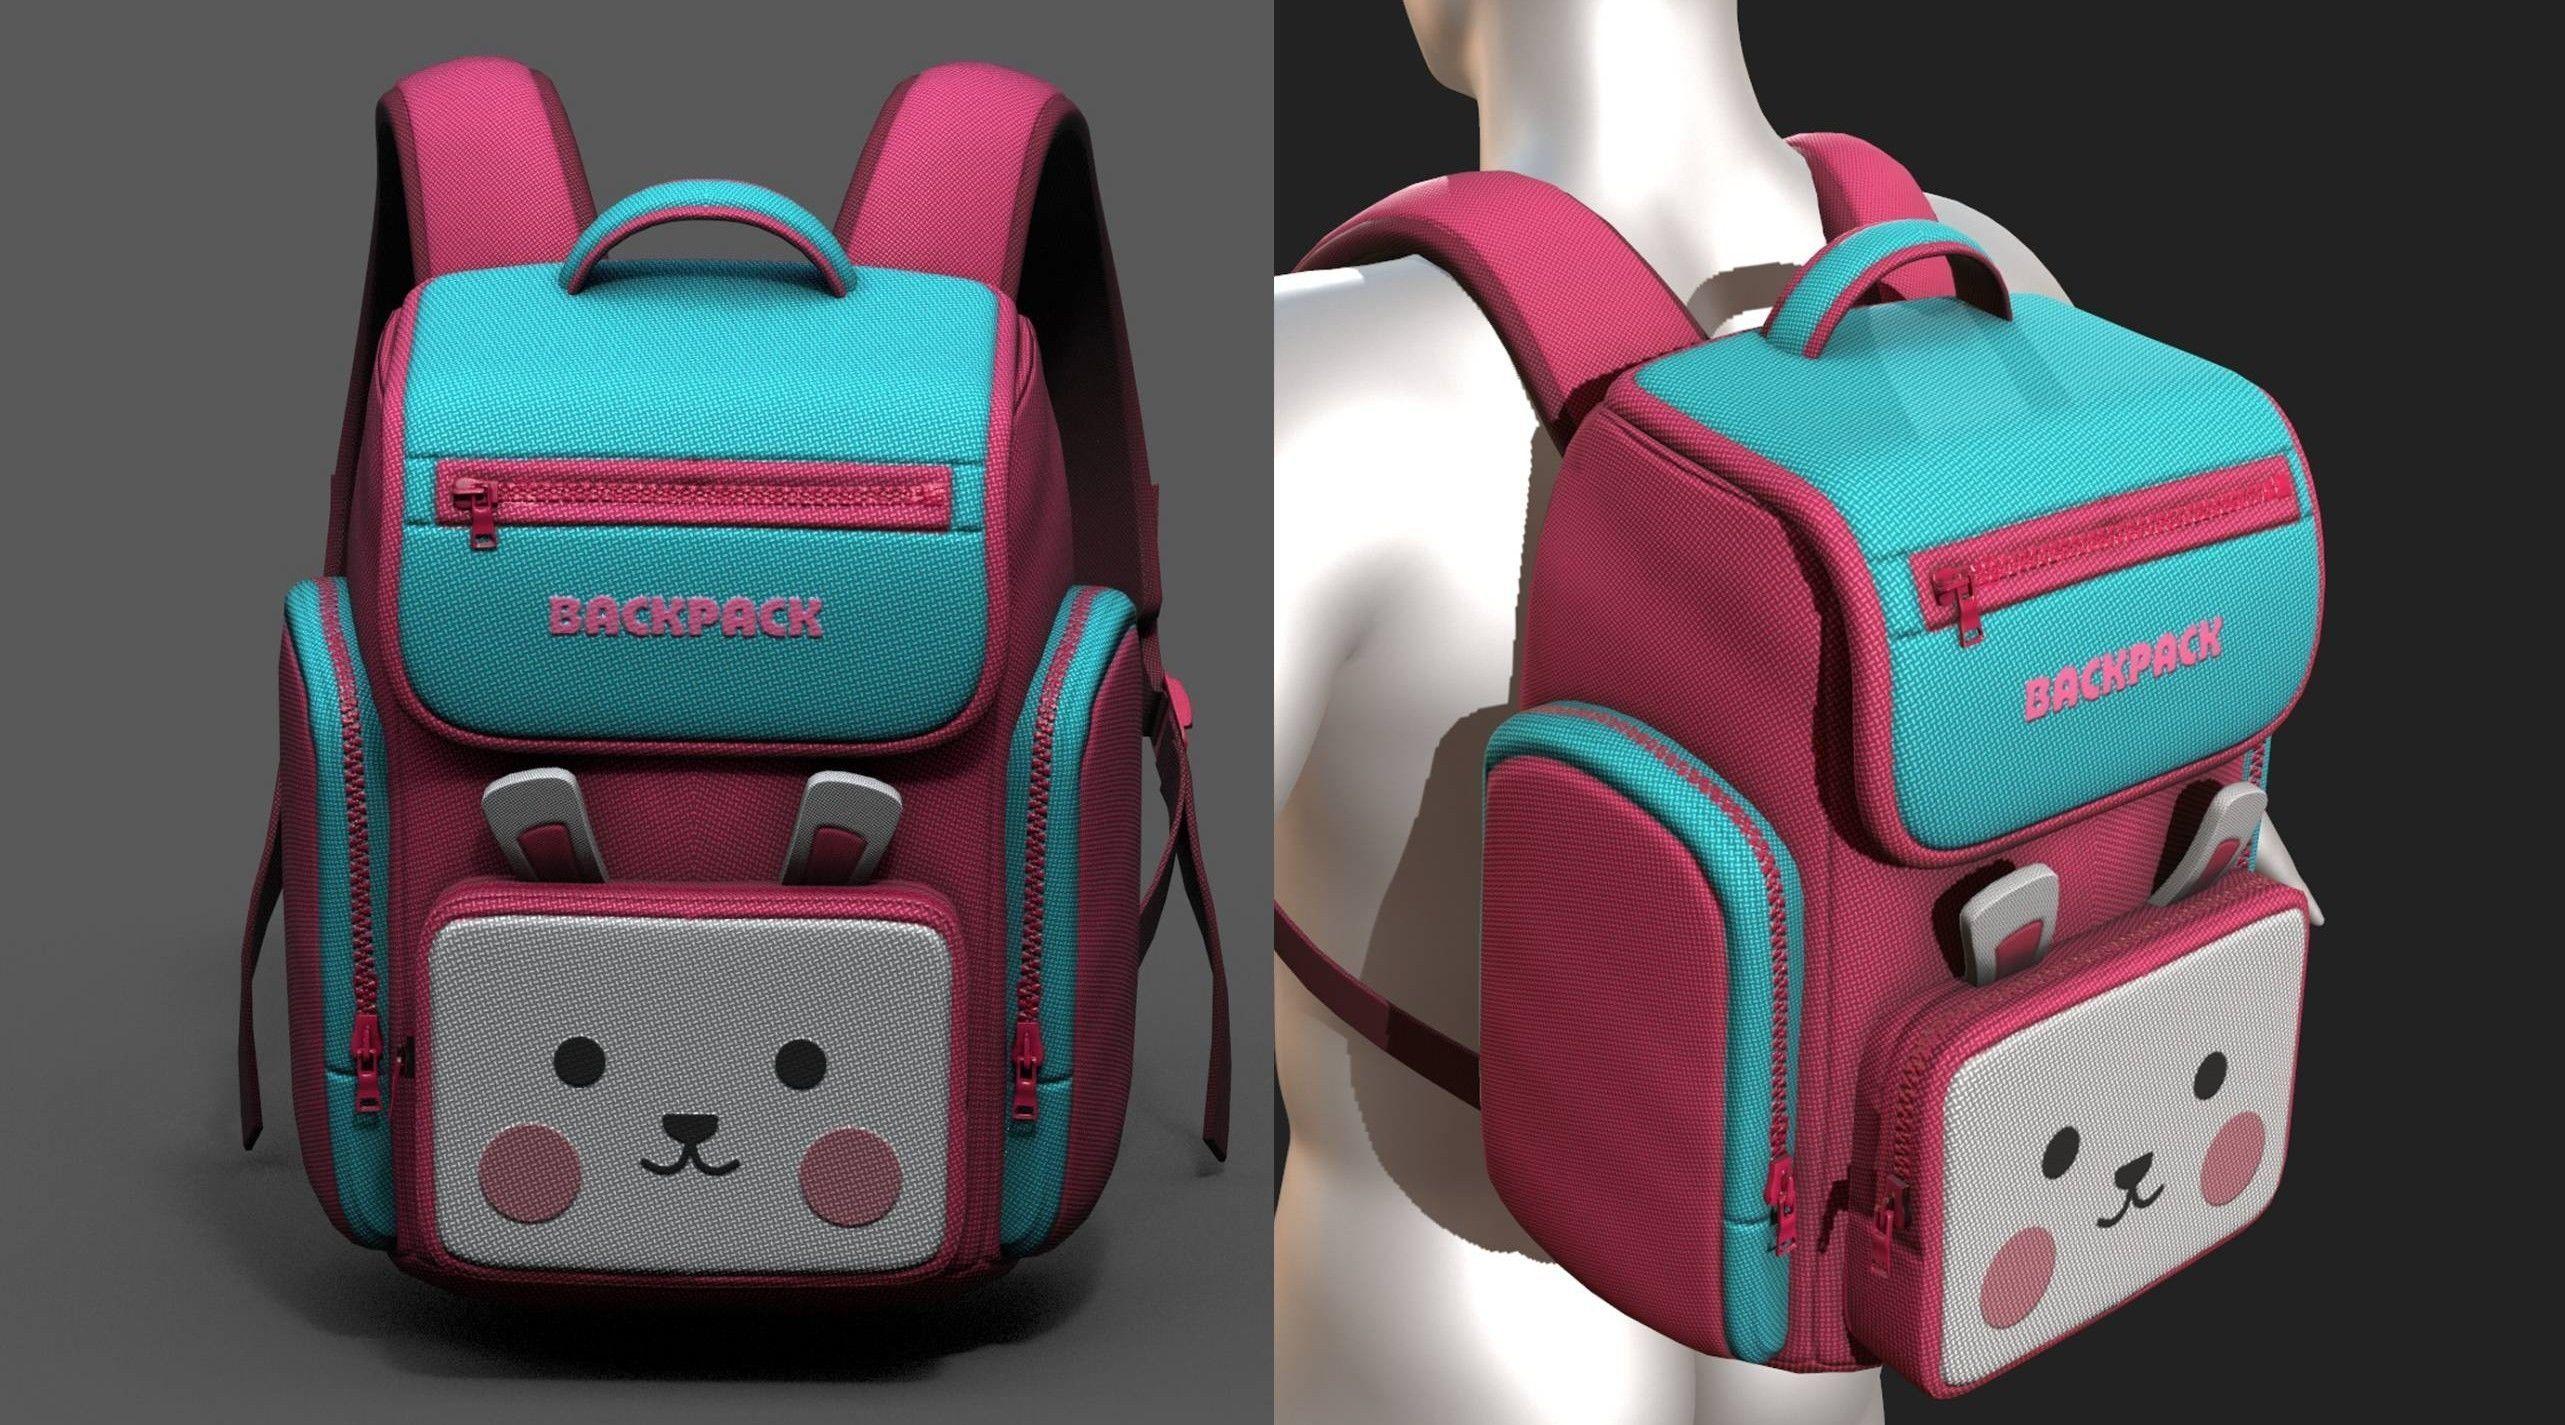 backpack-camping-toy-color-baggage-bag-3d-model-low-poly-obj-fbx-ma | 3d artist